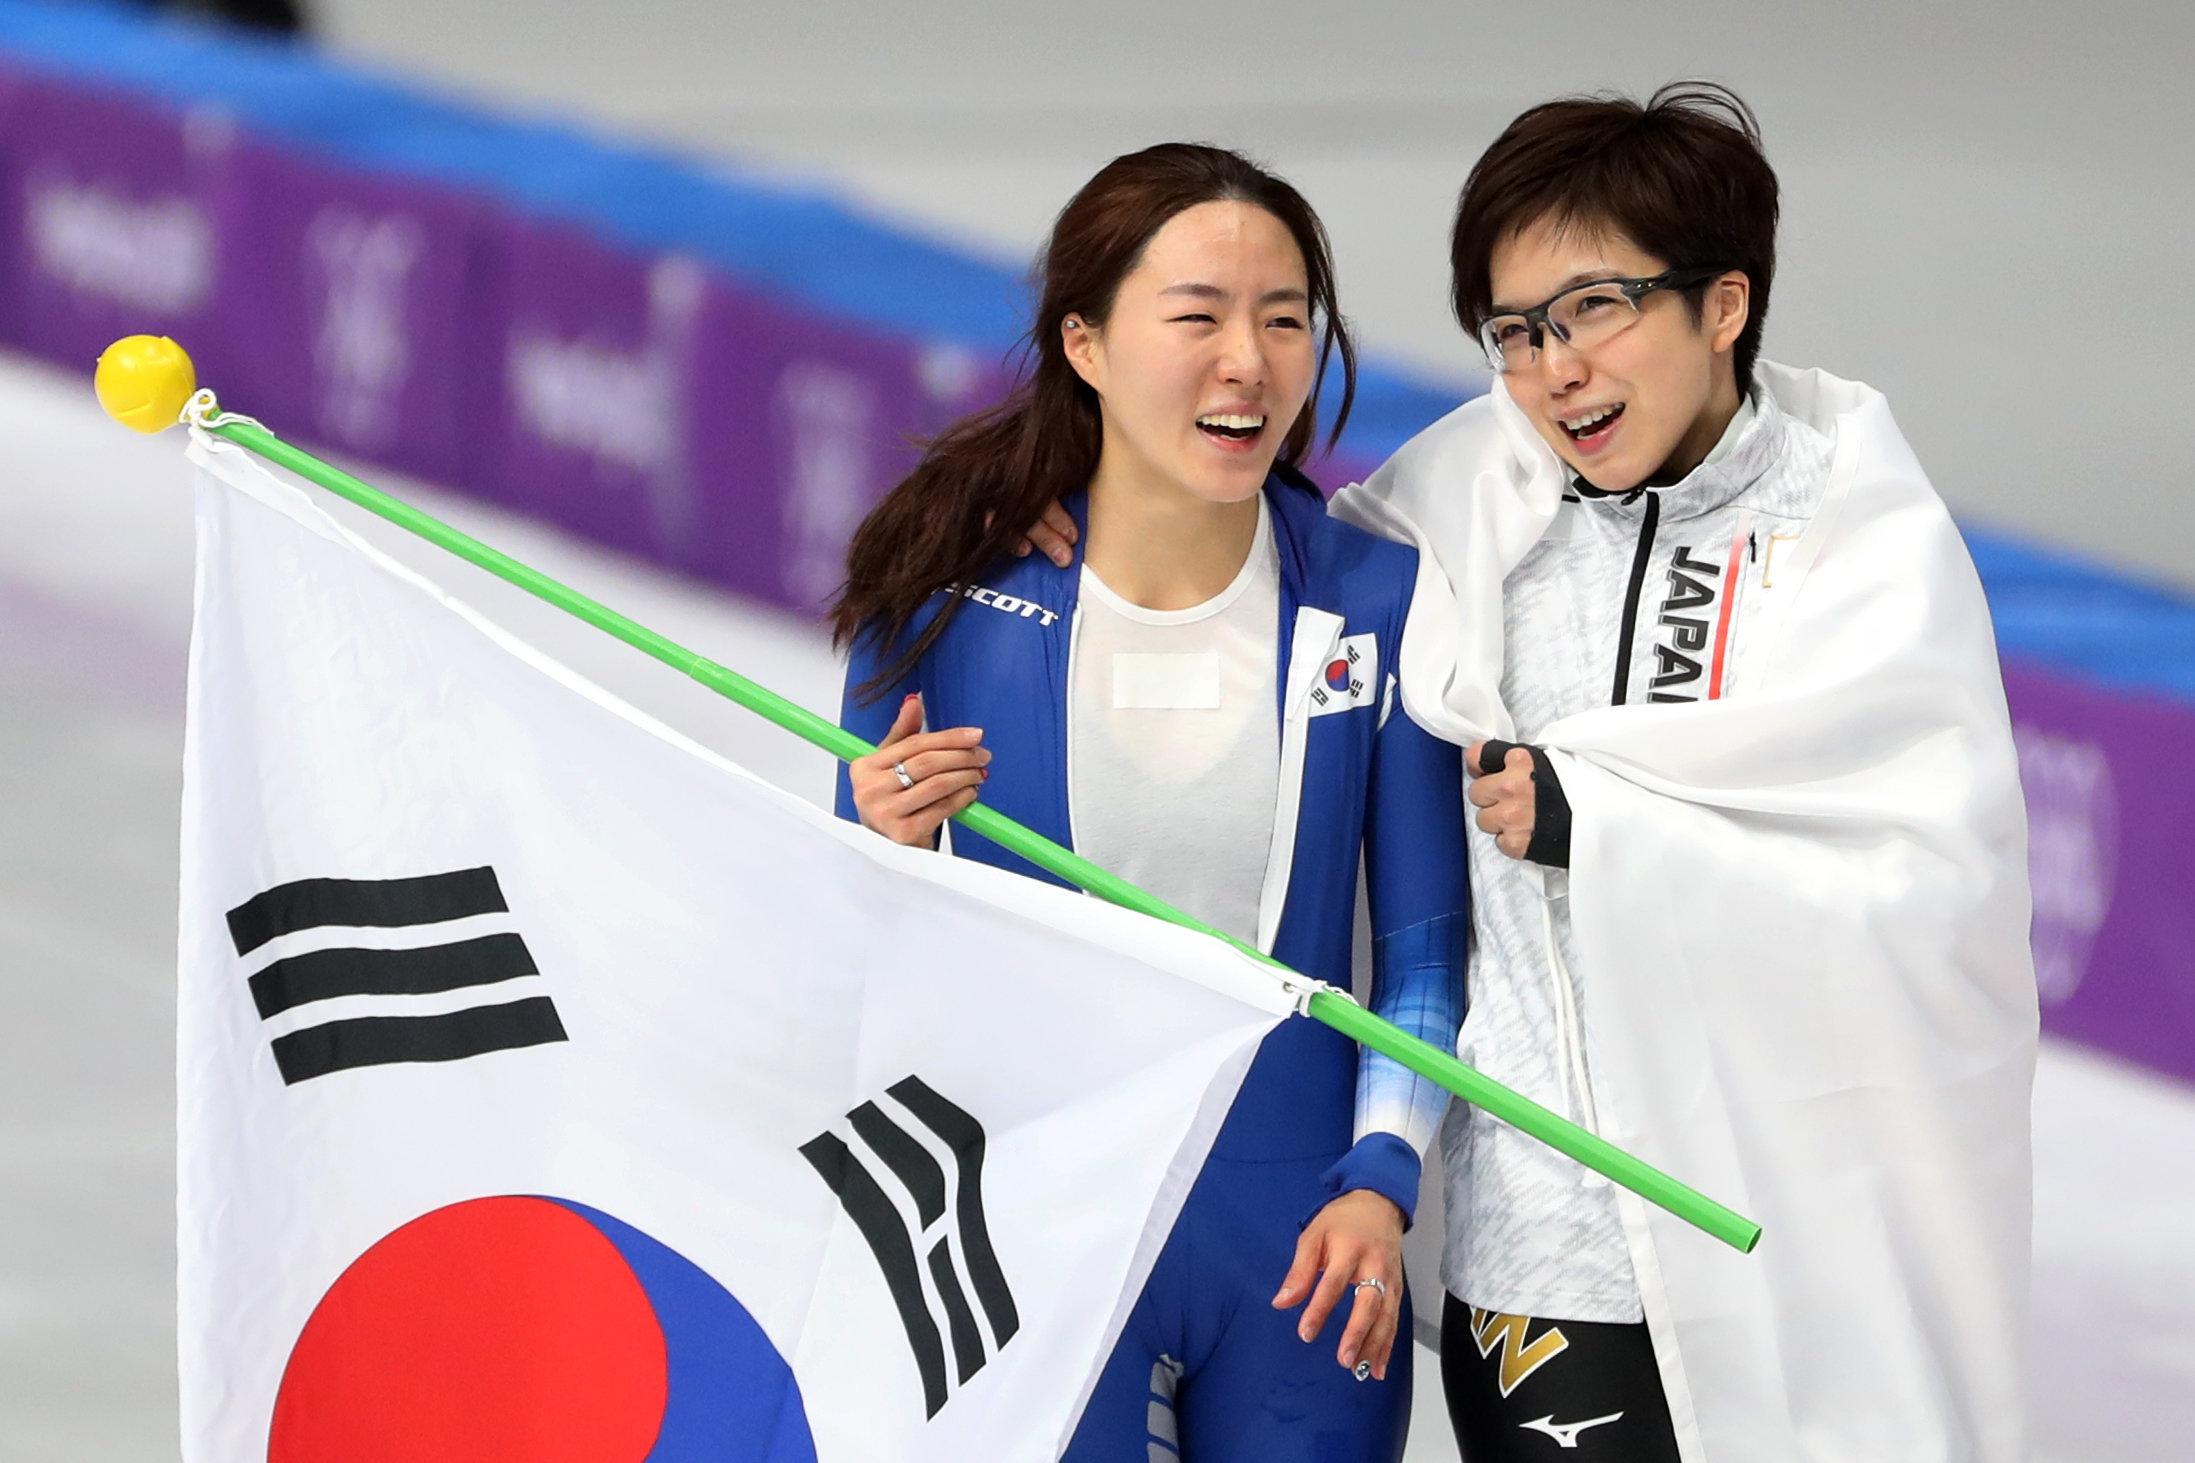 경기 후 고다이라가 이상화에게 다가가 전한 한국말